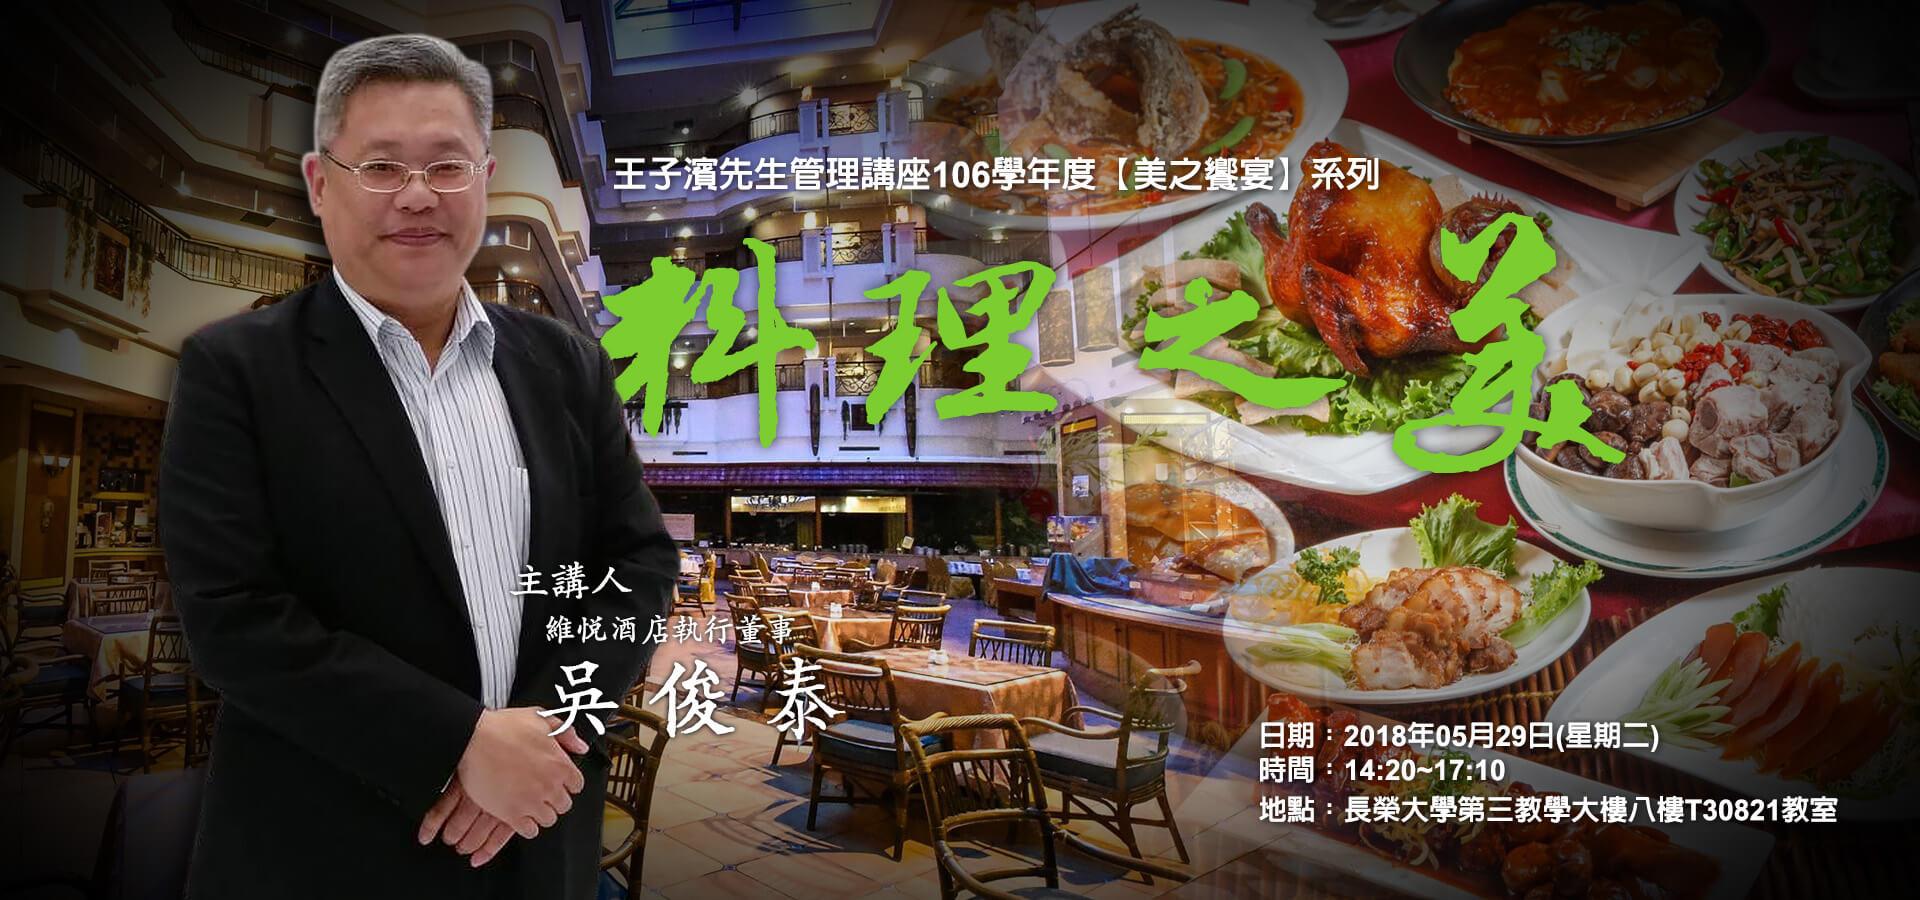 【王子濱先生管理講座】料理之美